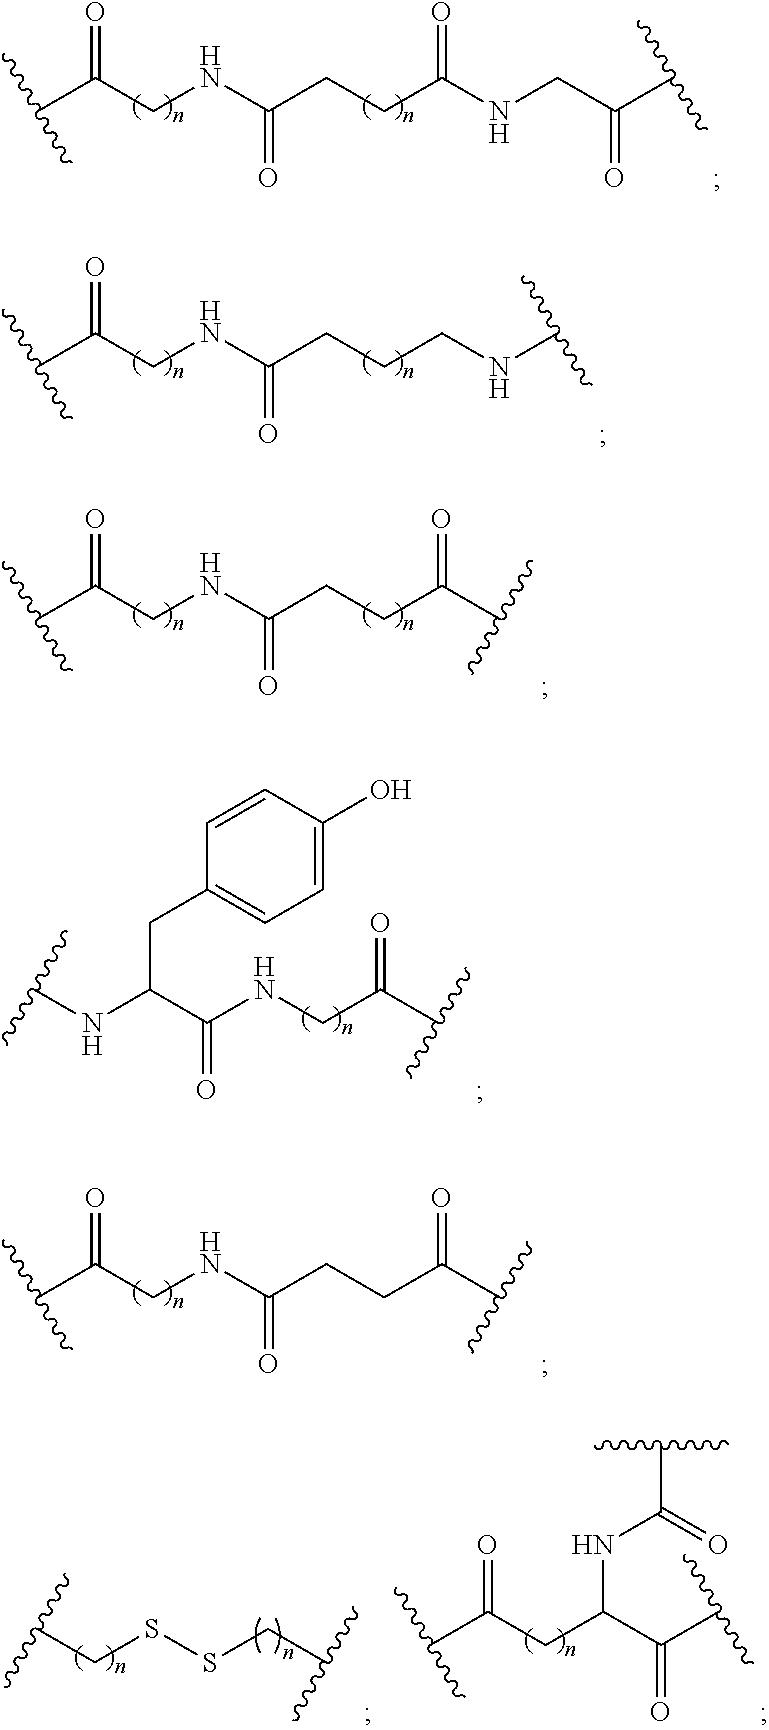 Figure US09957504-20180501-C00144